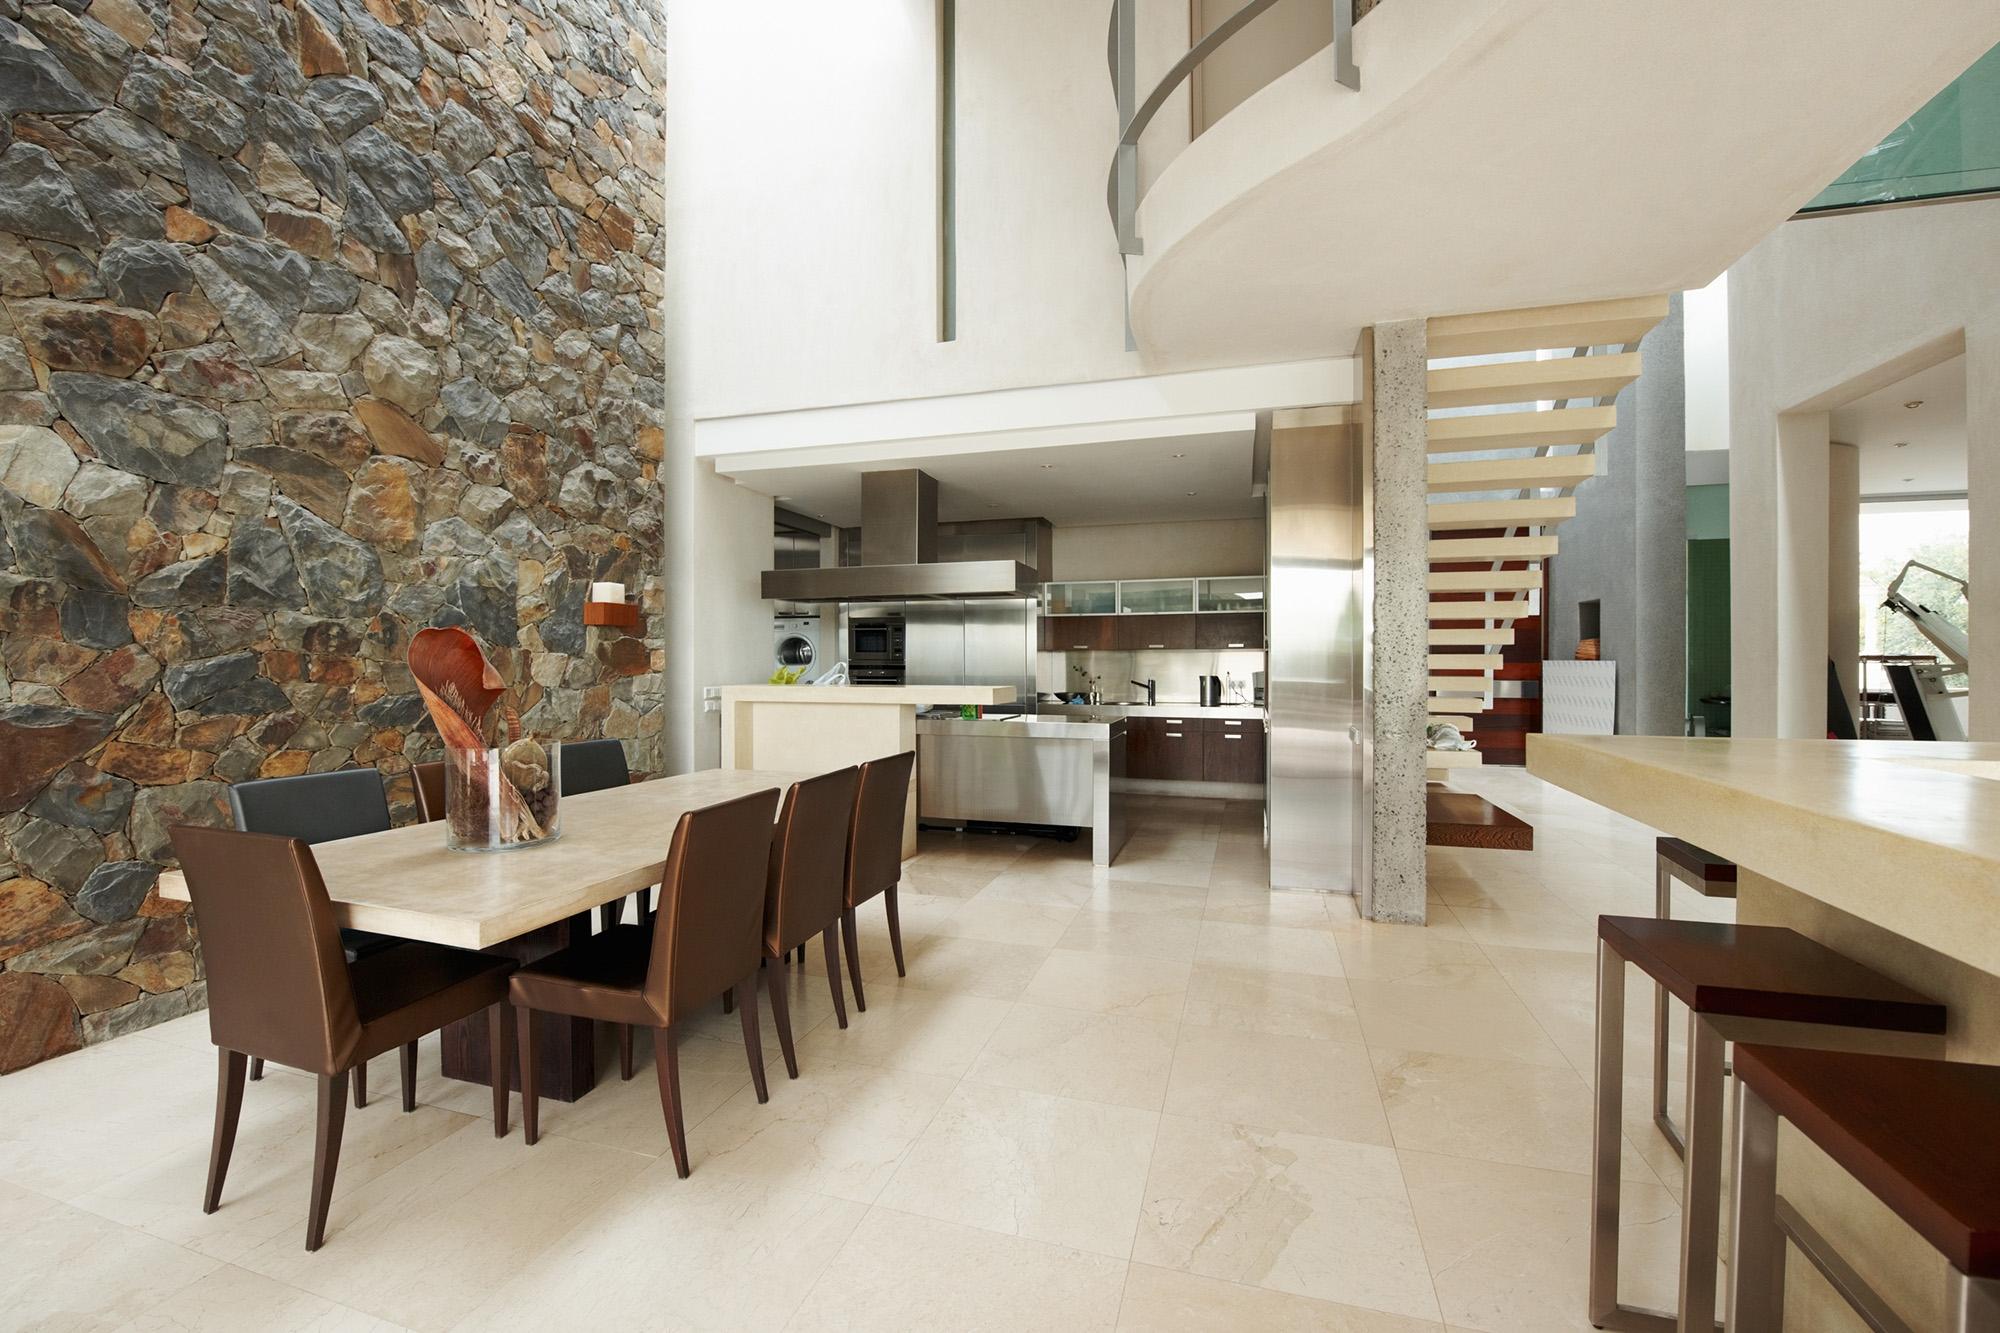 Крупный натуральный камень в отделке стены на кухне